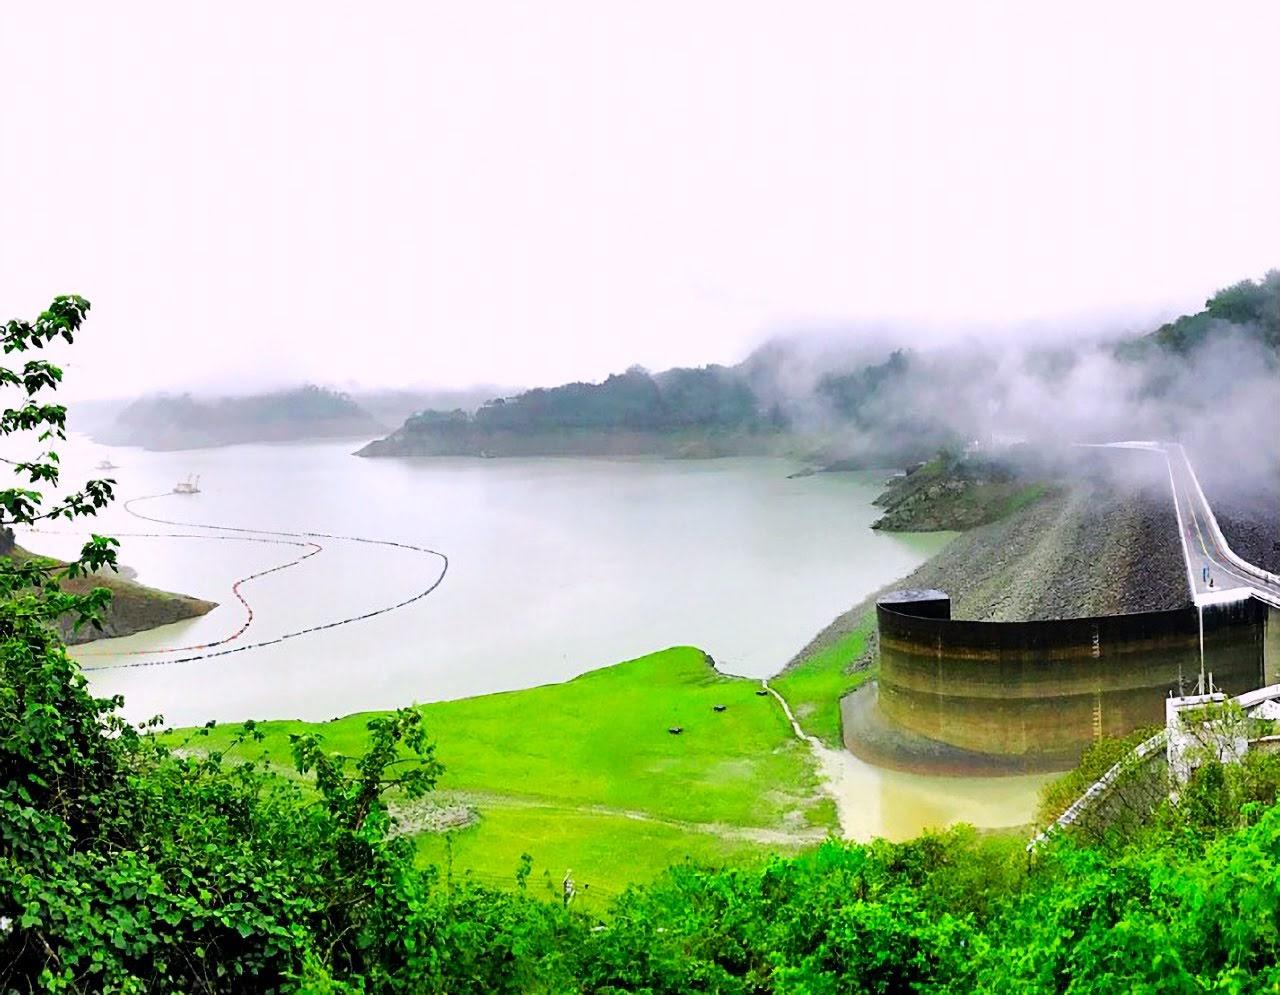 豪雨讓曾文、南化水庫大進補|缺水旱象暫時解除